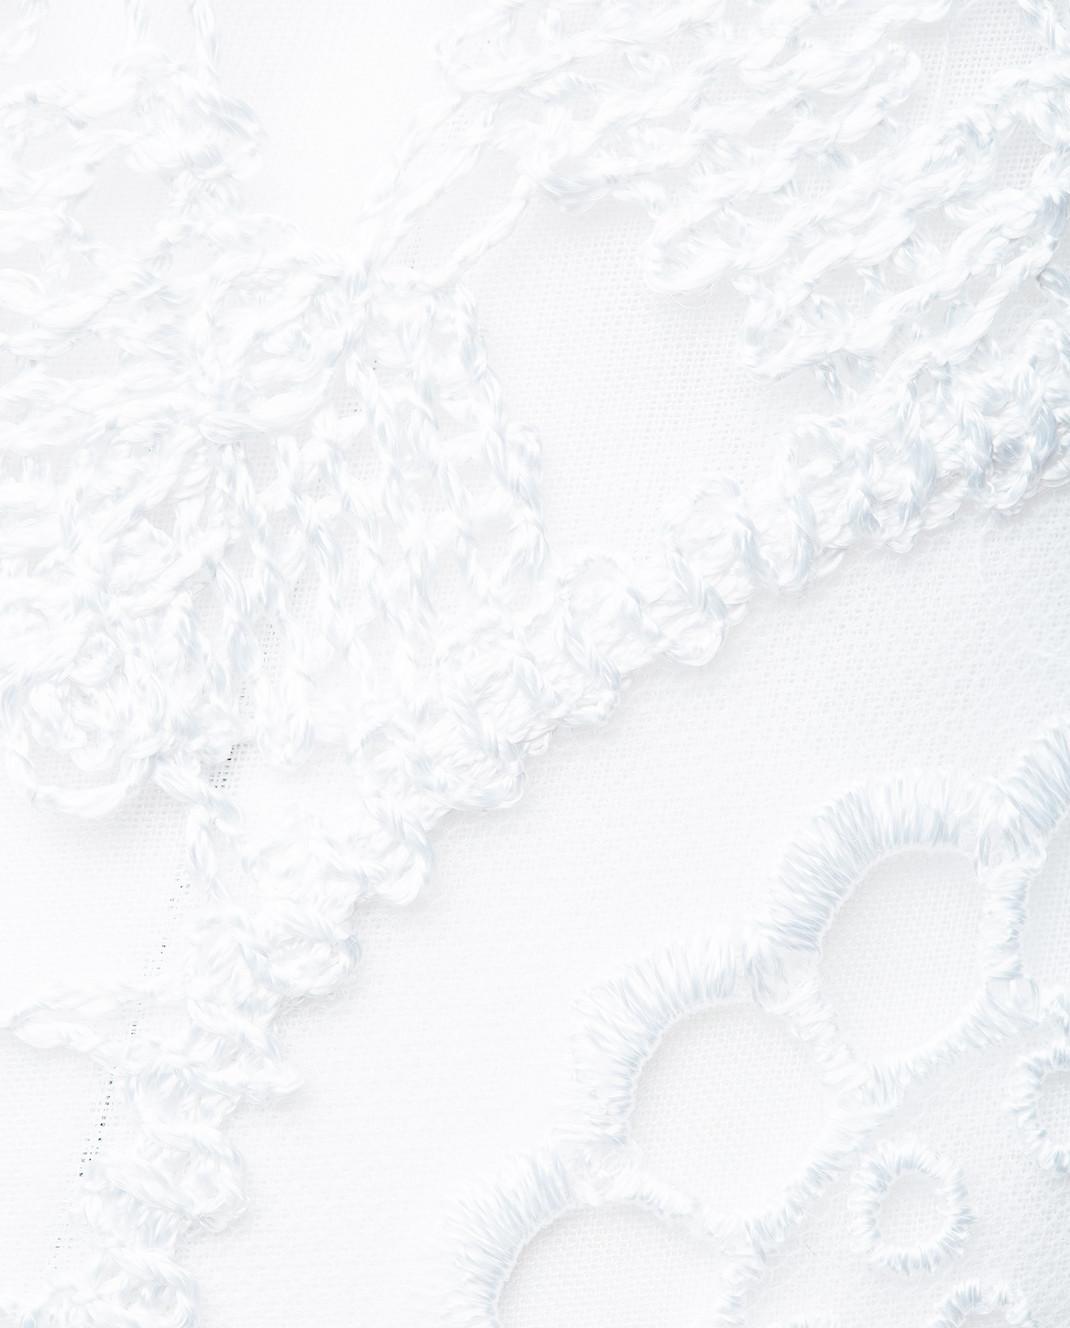 Charo Ruiz Белое платье с кружевом 00354 изображение 4